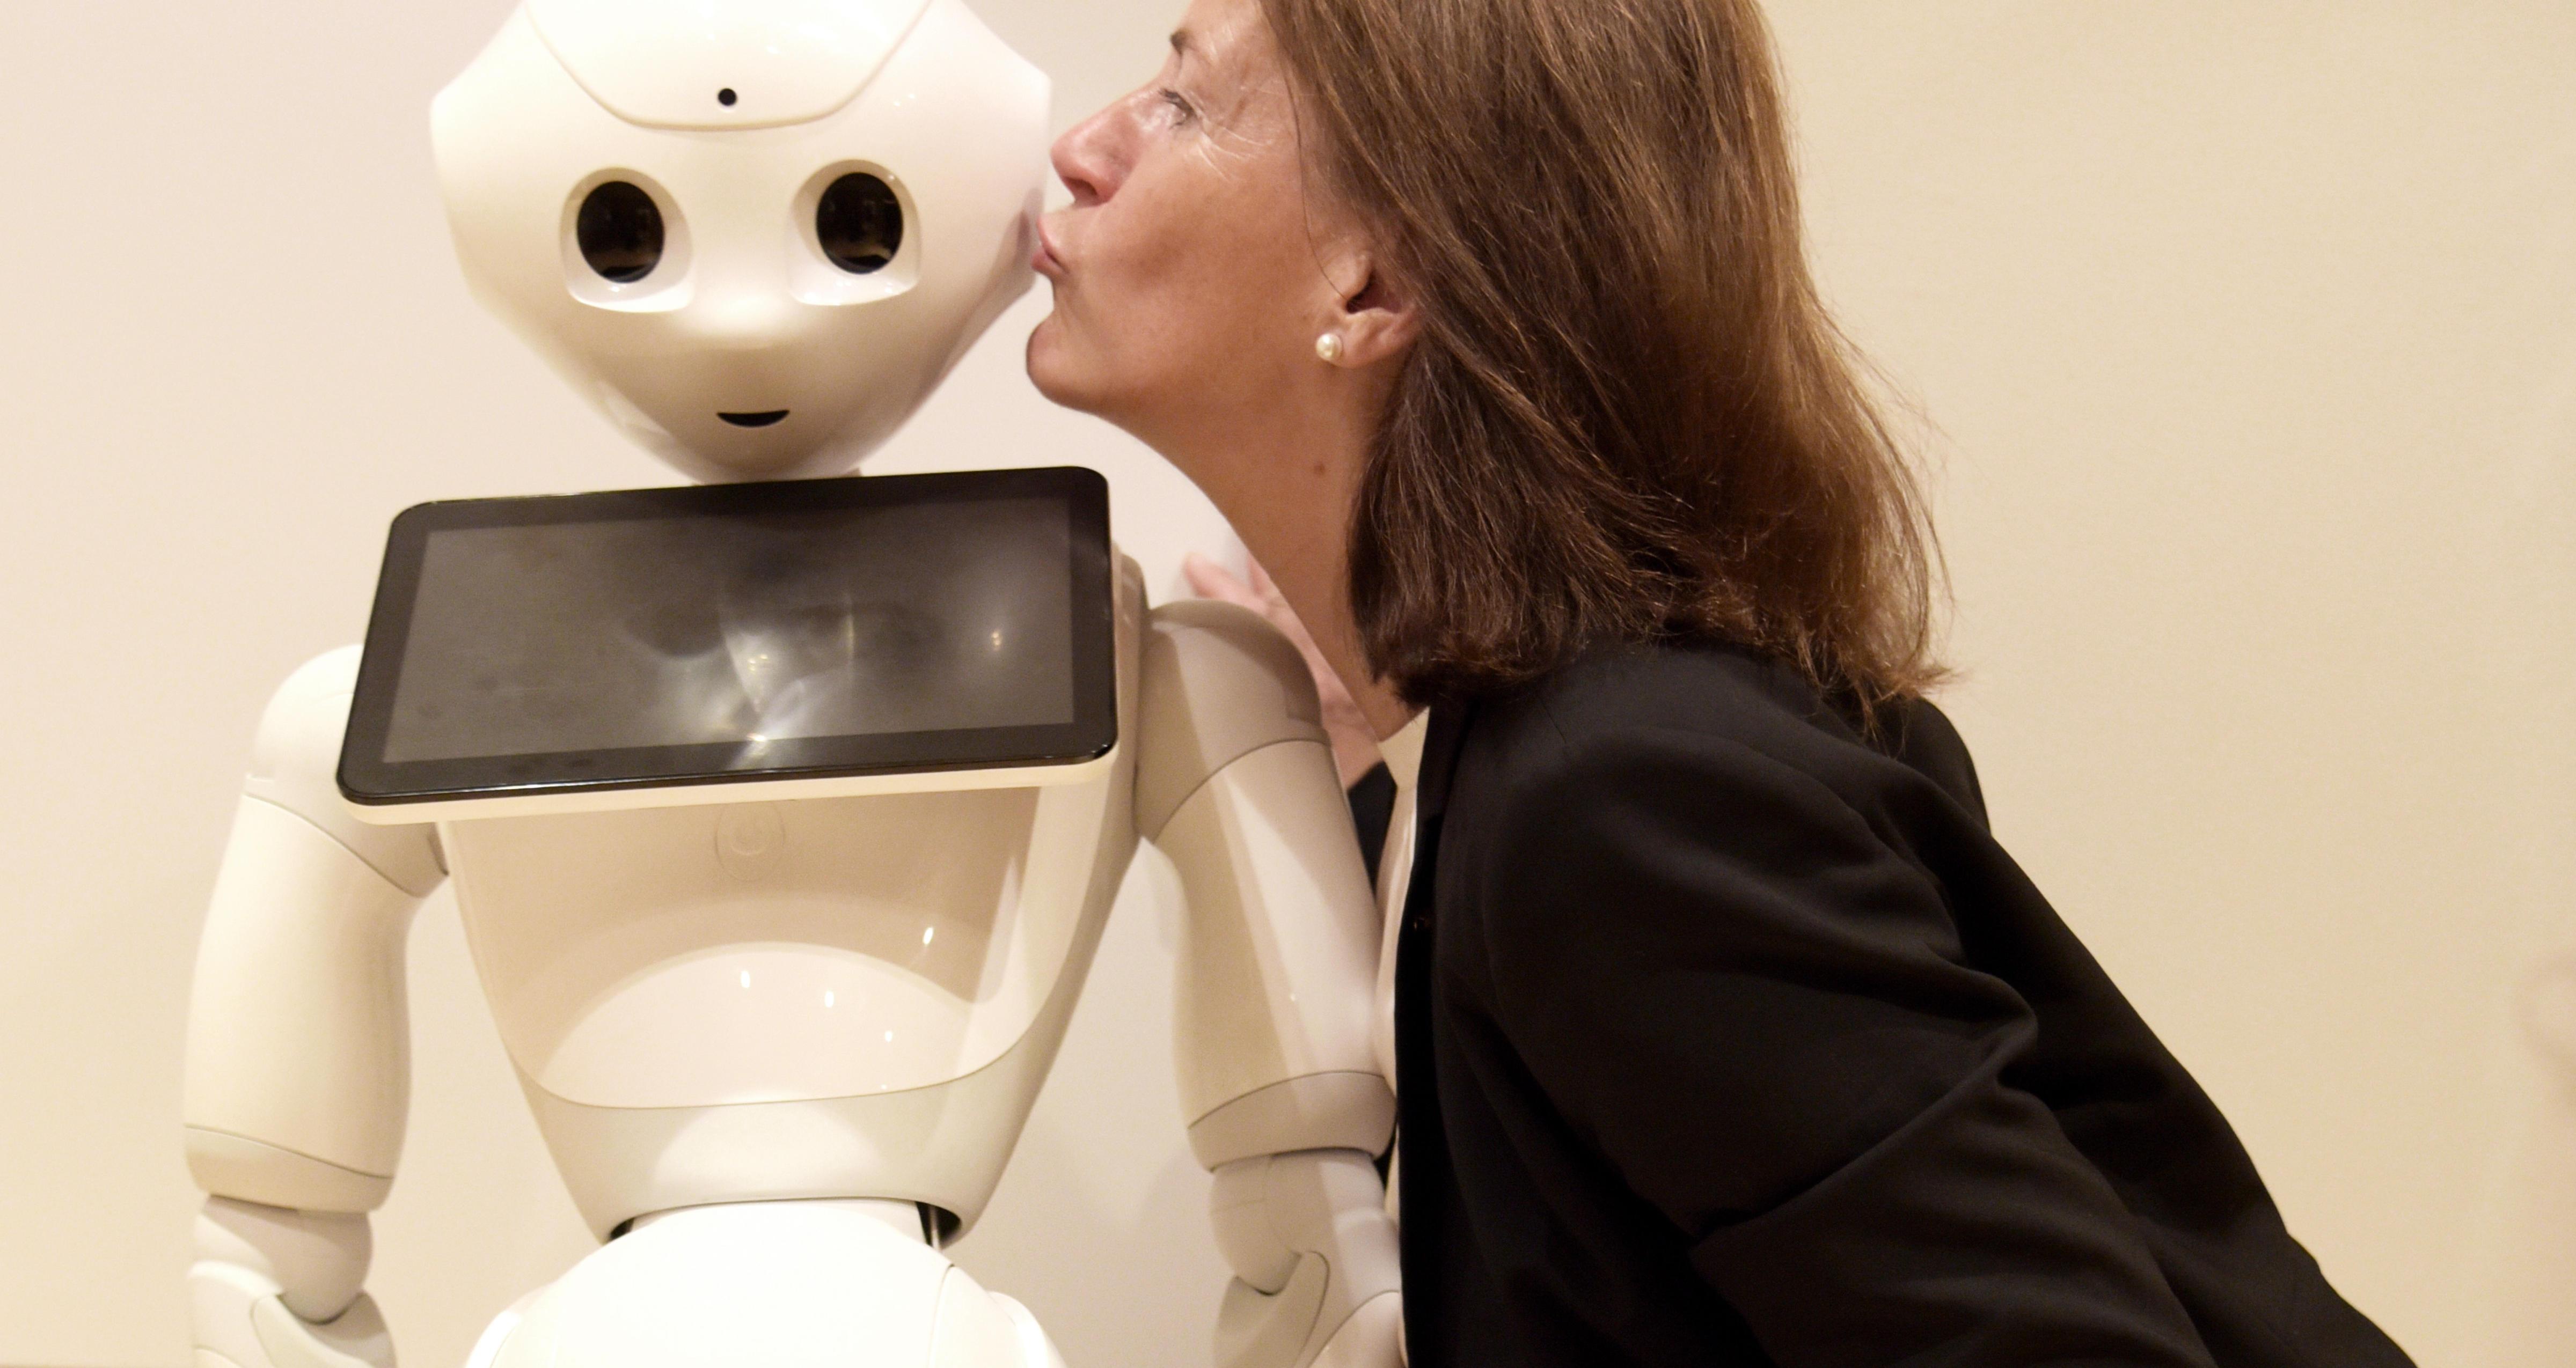 Bettina Husebø kysser roboten Pepper på kinnet.